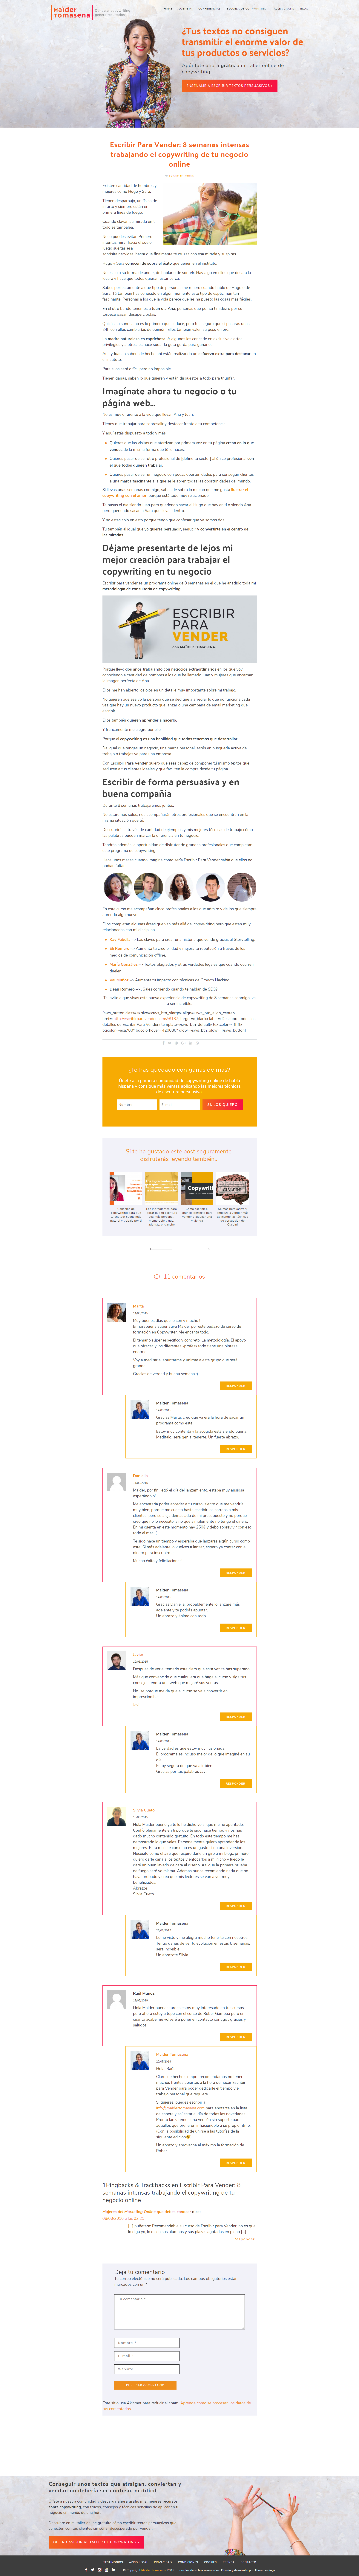 escribir-para-vender-copywriting-negocio-online